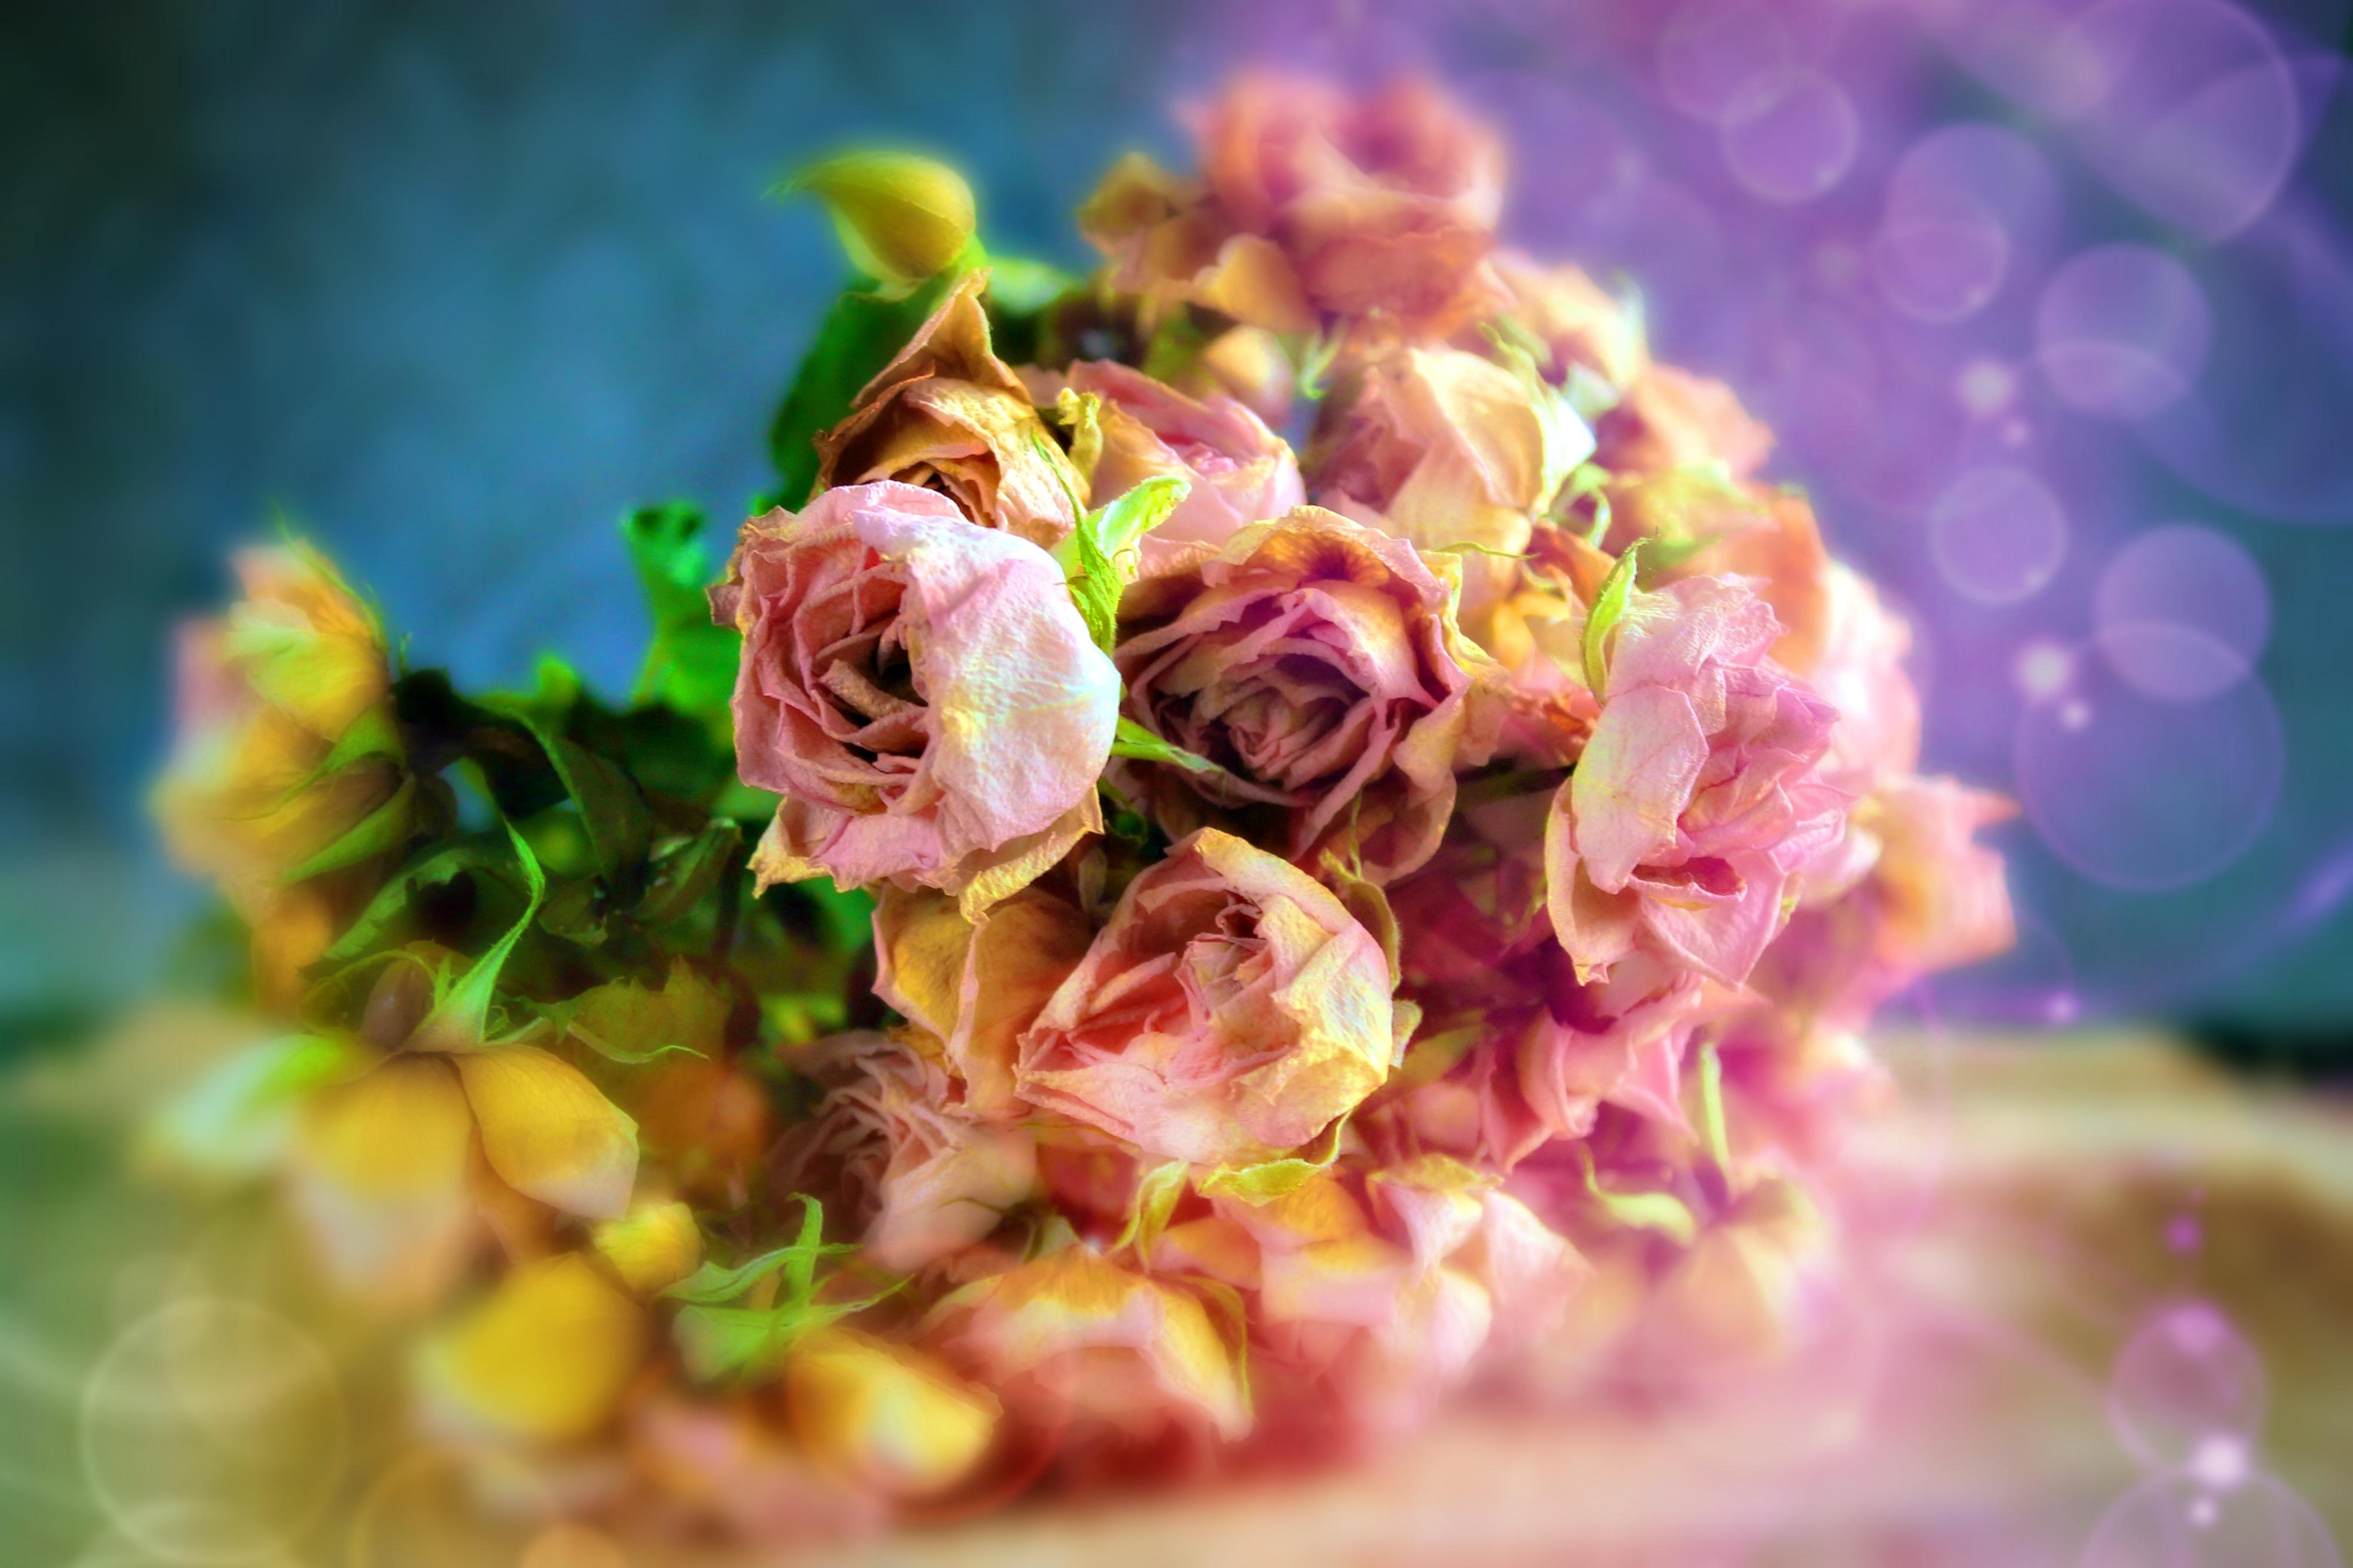 клиент тинькофф большие фотографии профессионалов цветов пойдёт